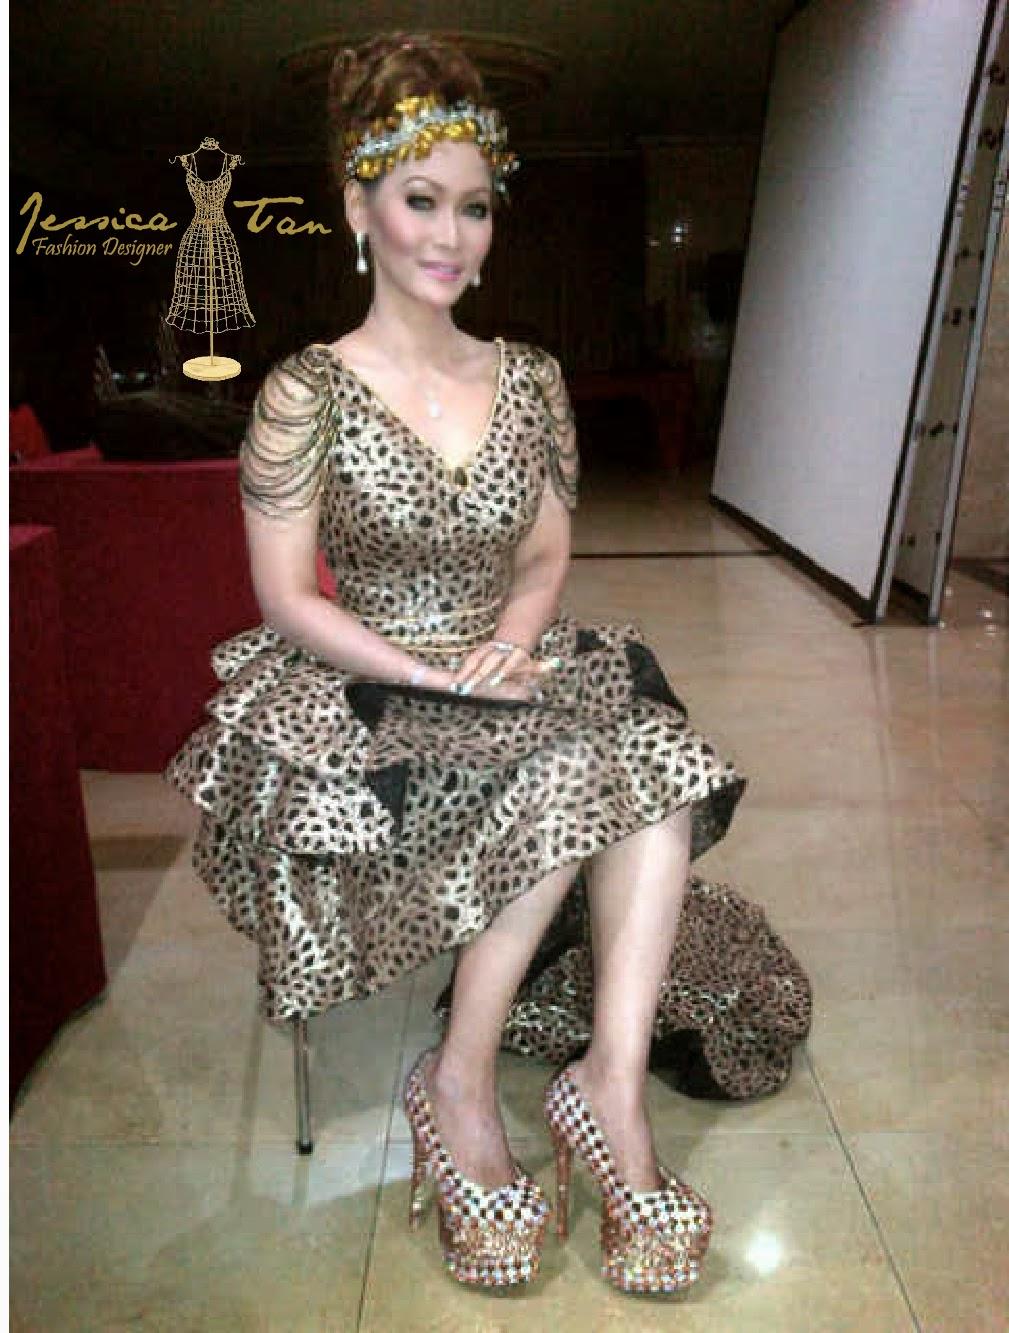 Jessica Tan Inul Daratista